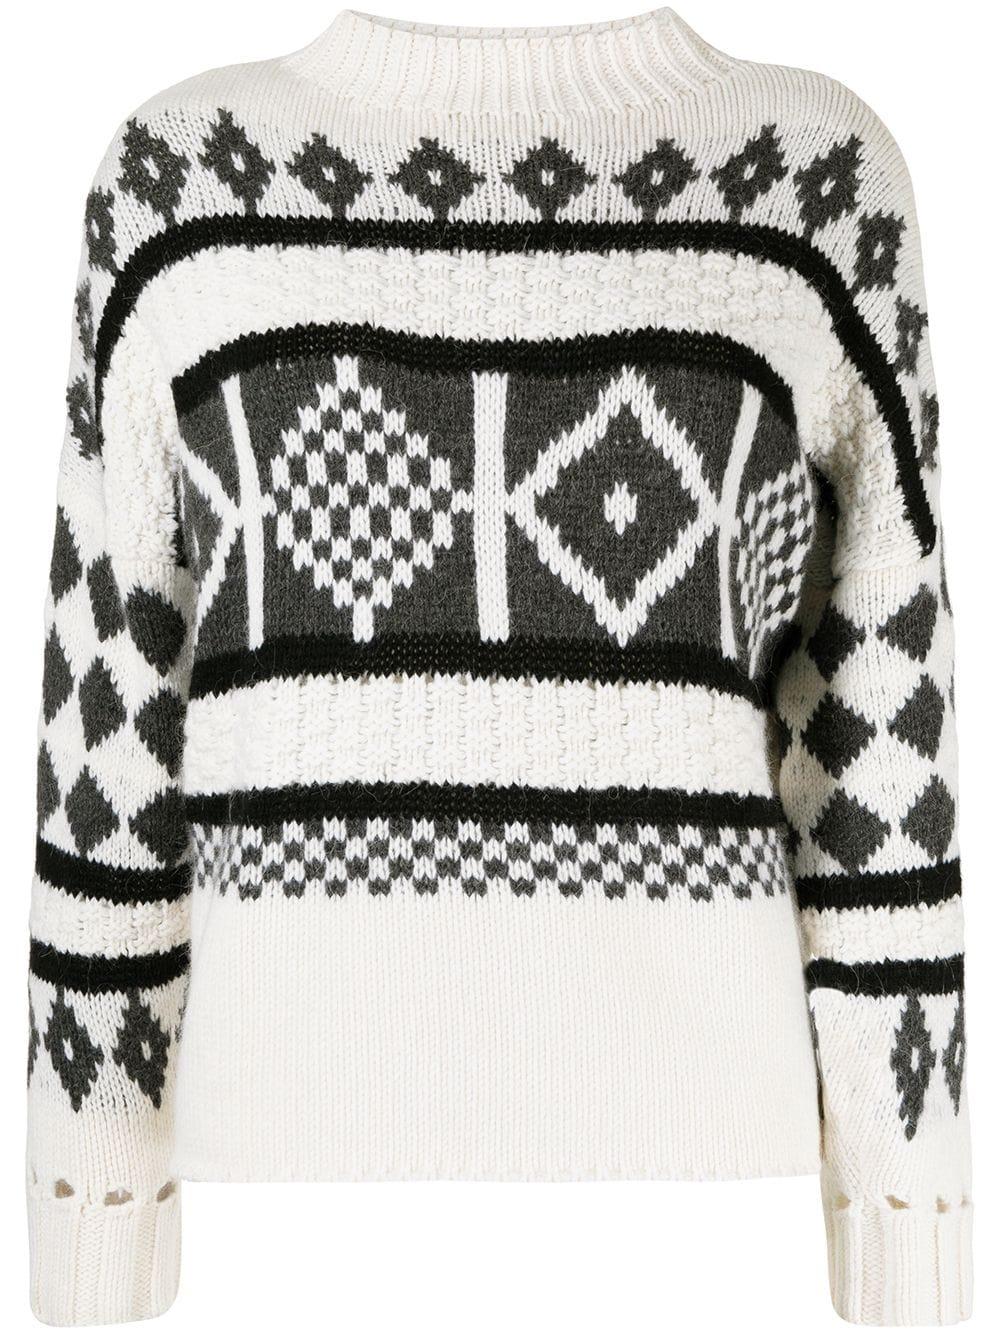 Pringle of Scotland Sanquhar-knit mock-neck jumper - Weiß